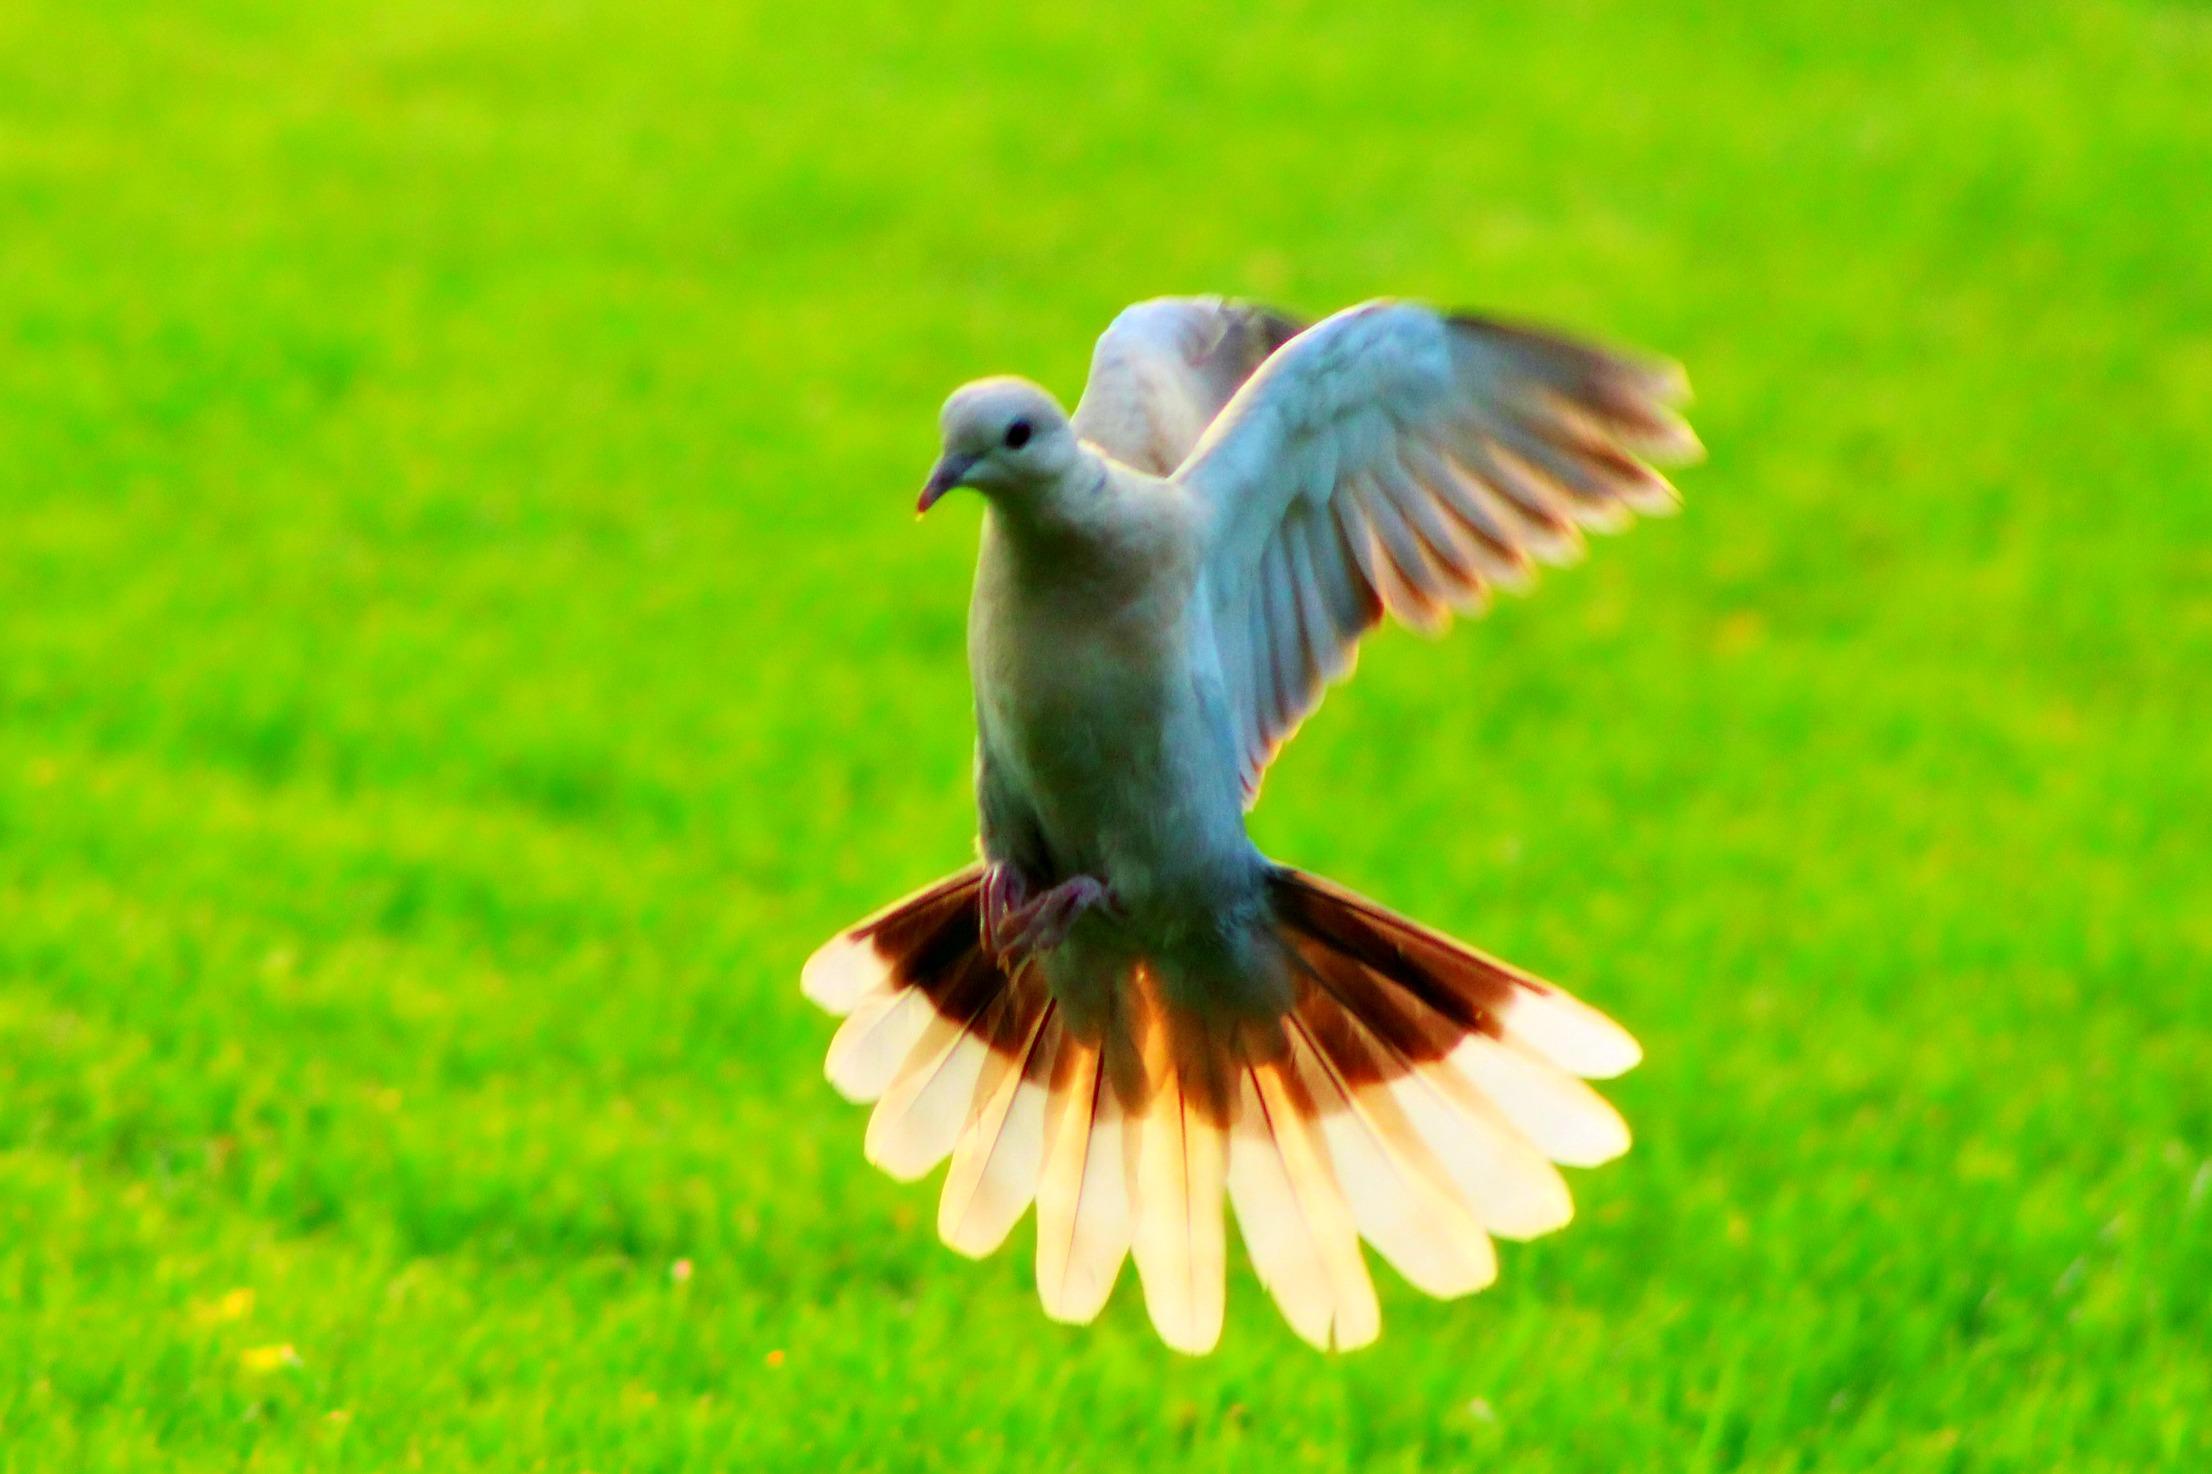 dove in flight .jpg